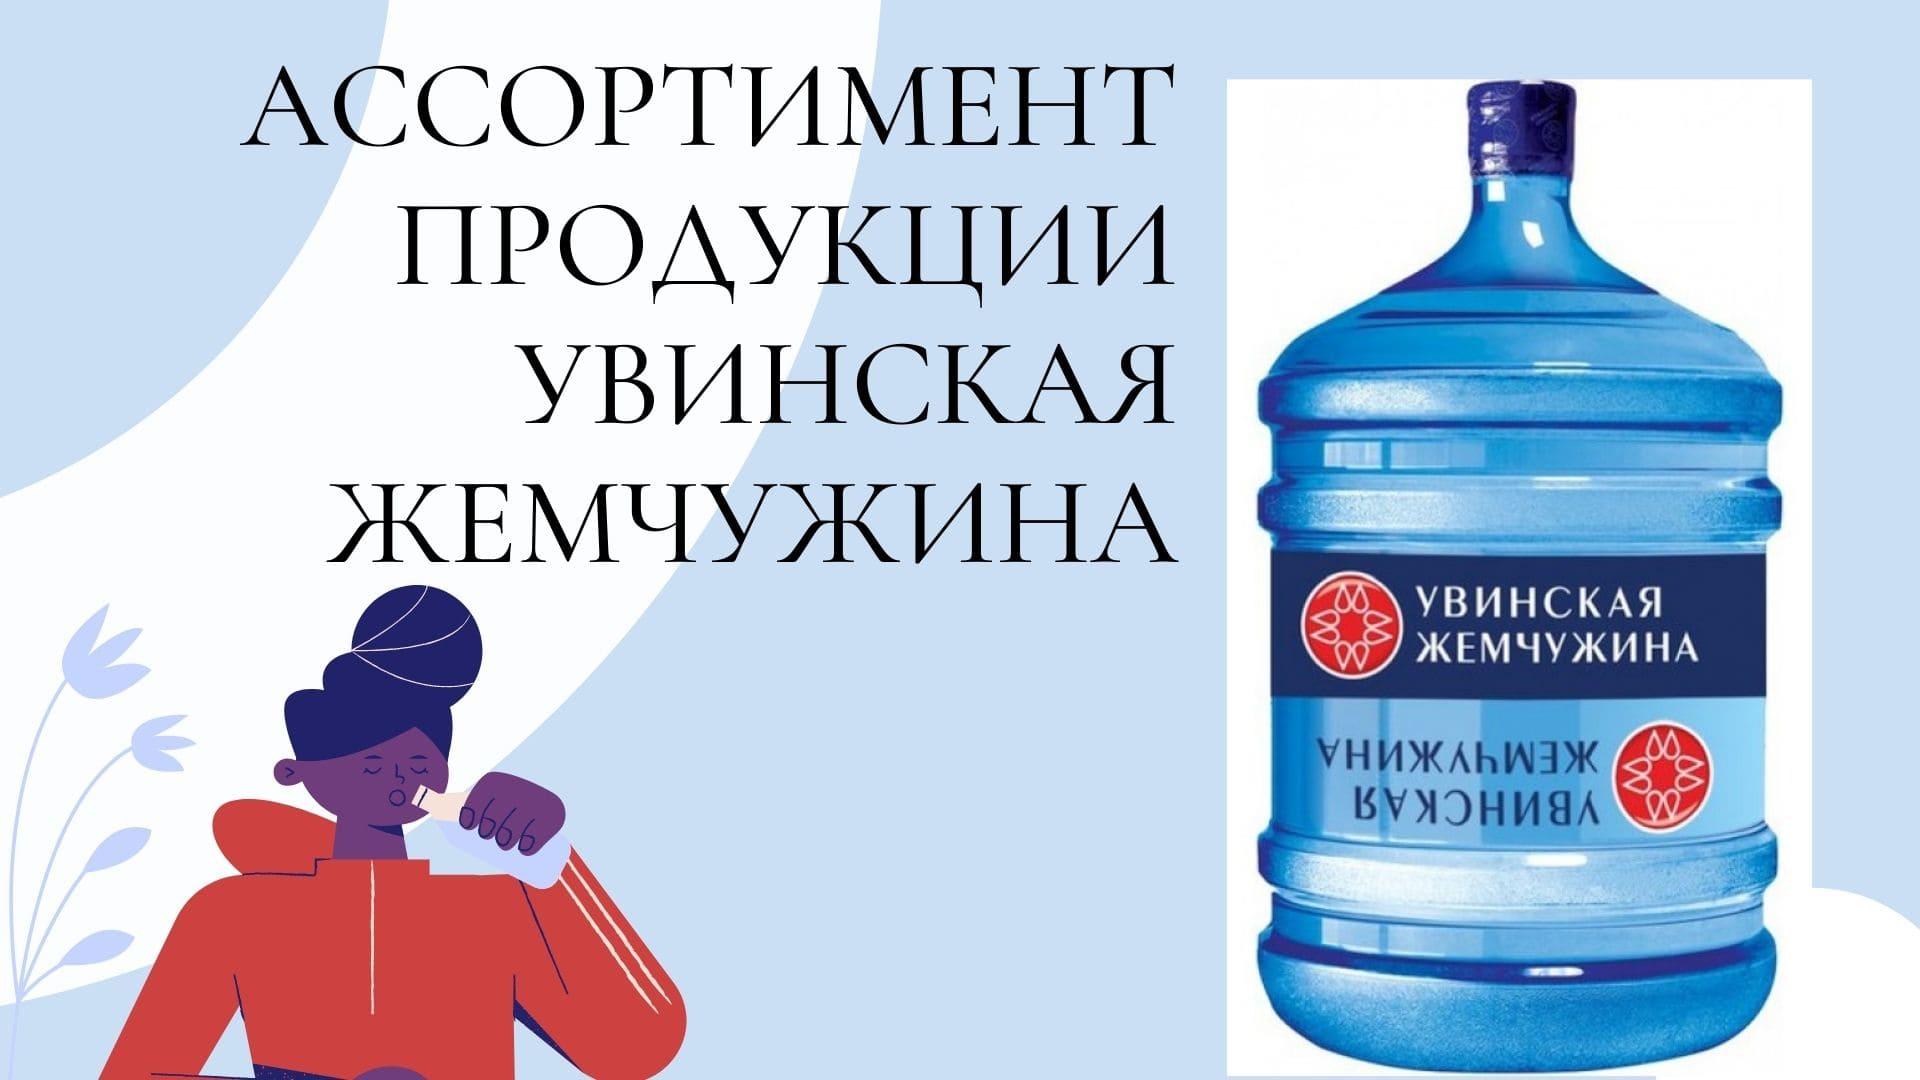 Ассортимент воды Увинская жемчужина